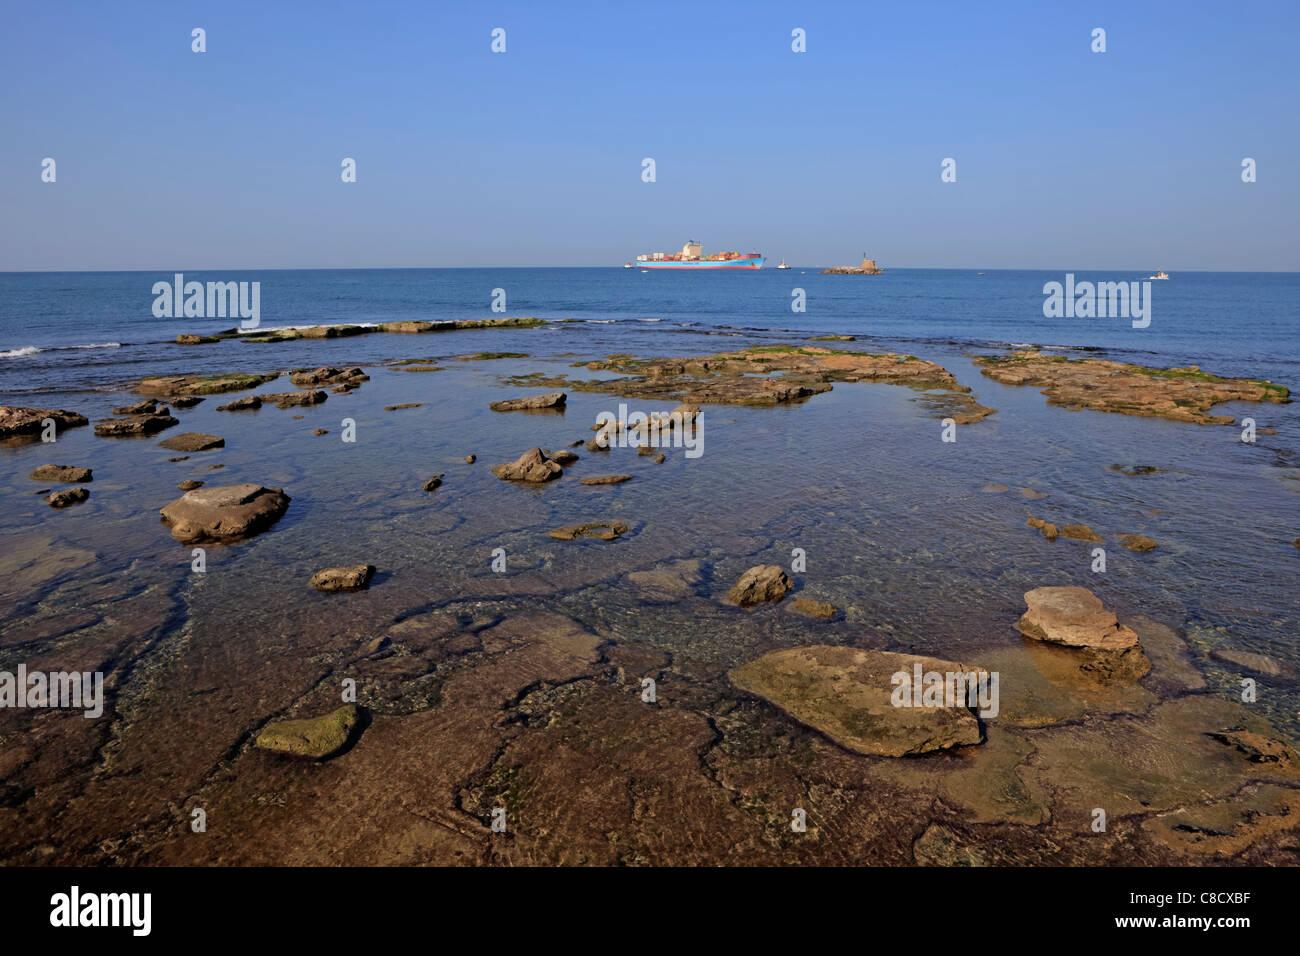 El archipiélago de Livorno en el Mediterráneo Imagen De Stock